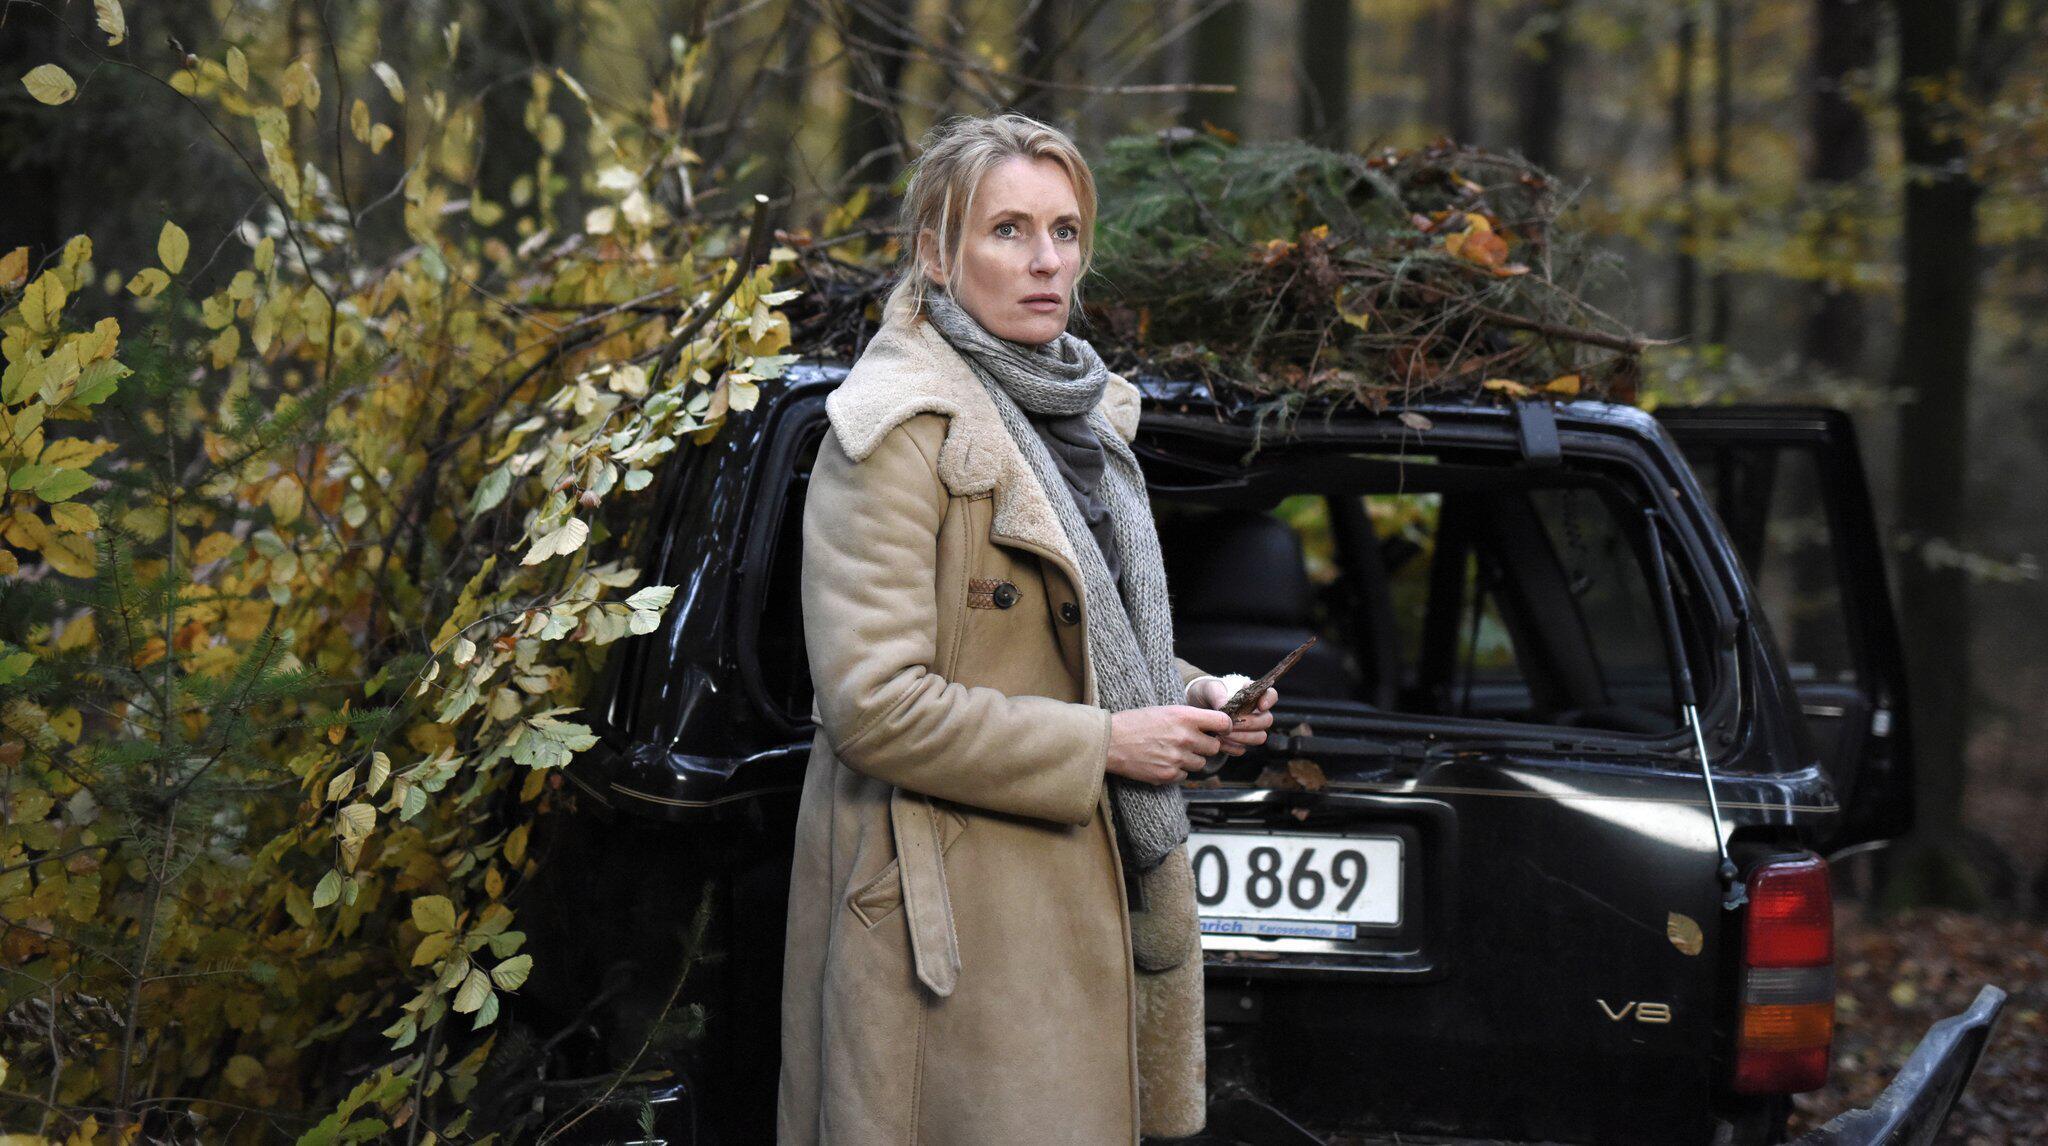 """Bild zu """"Tatort"""" - offenes Ende, kein Täter"""